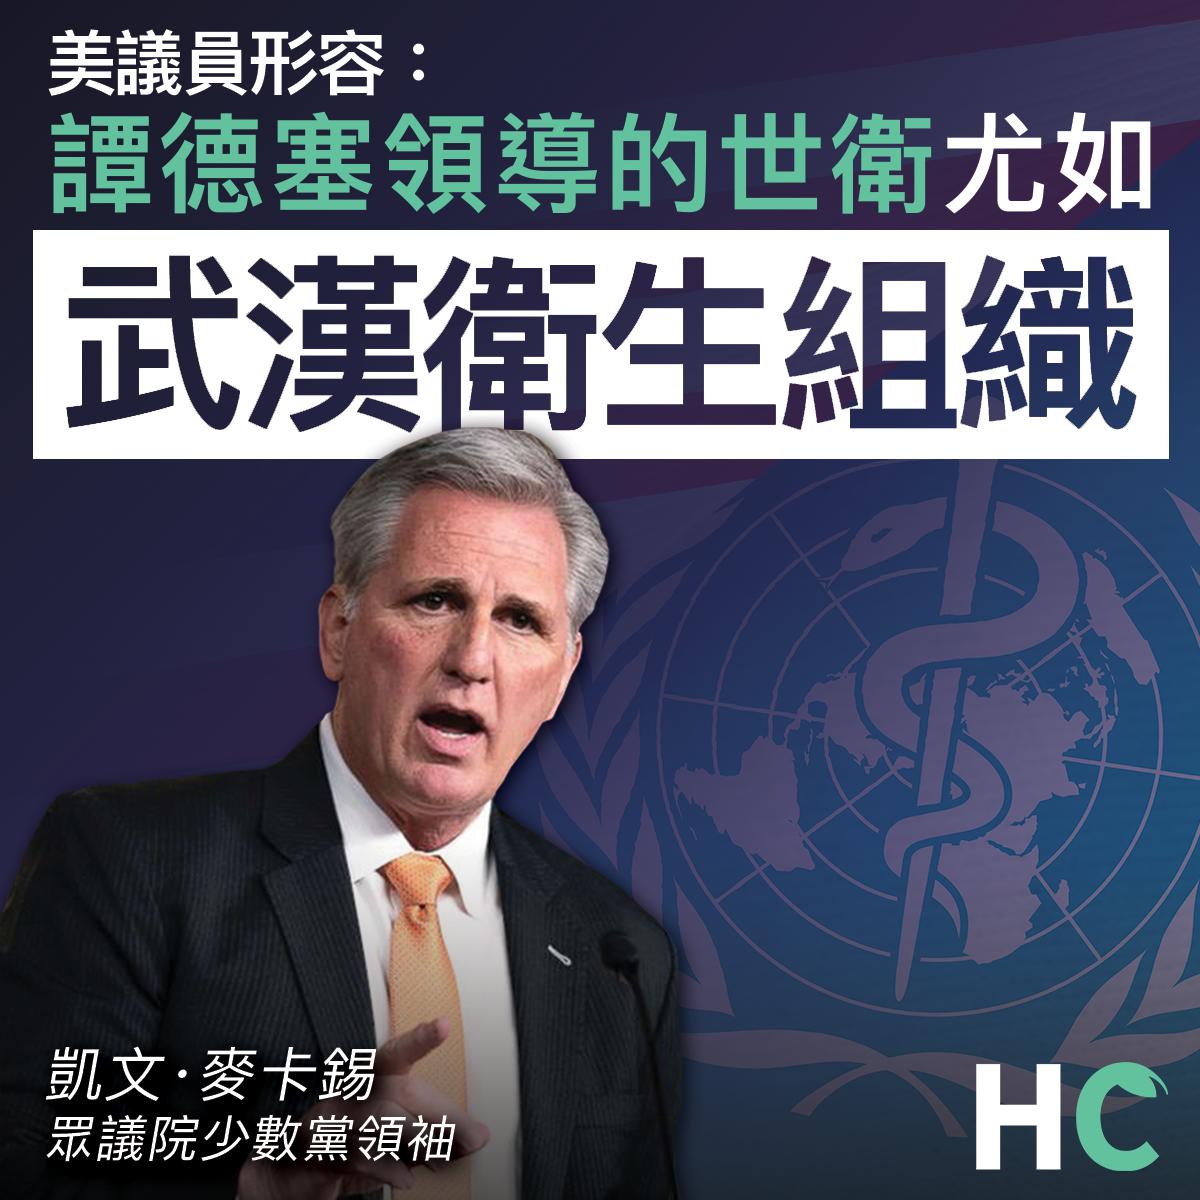 【#武漢肺炎】美議員形容:世衛尤如武漢衛生組織